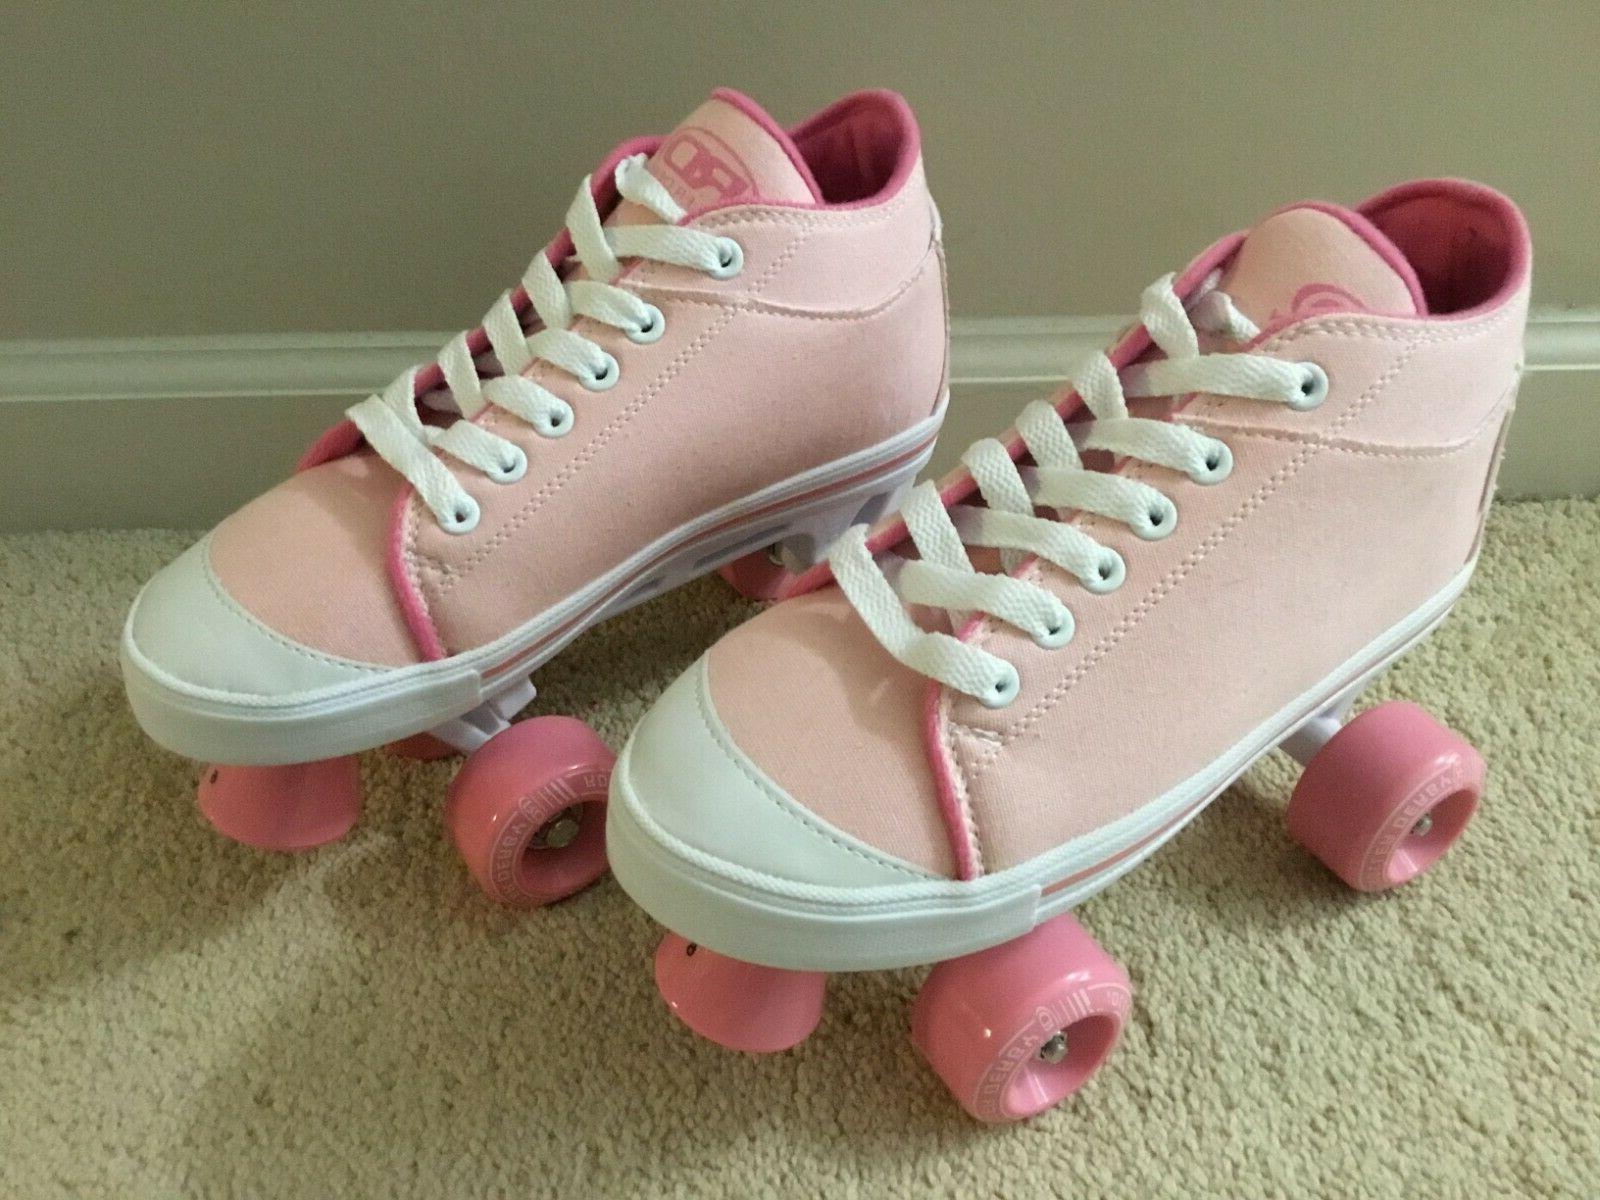 zinger girl s roller skates size 6